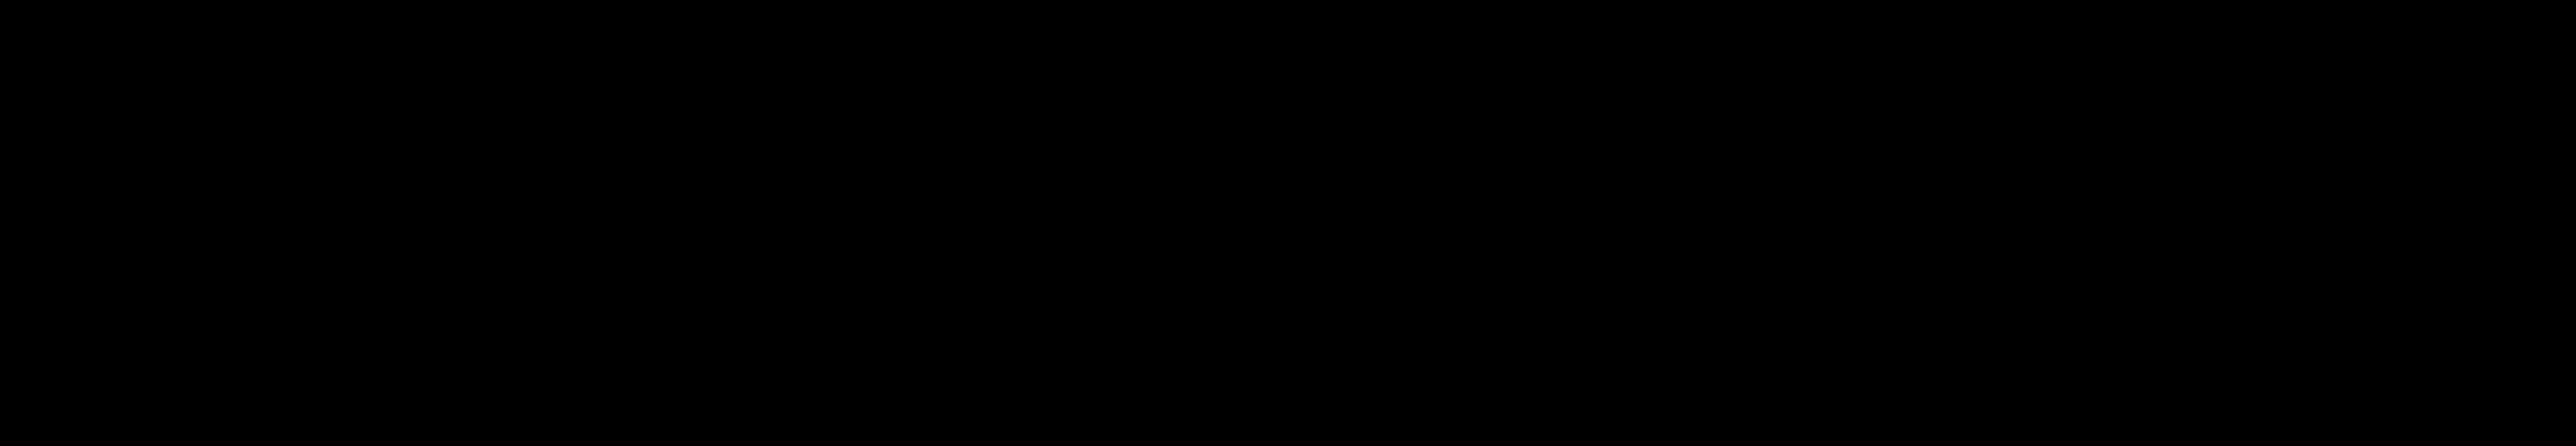 実効再生産数(東洋経済)